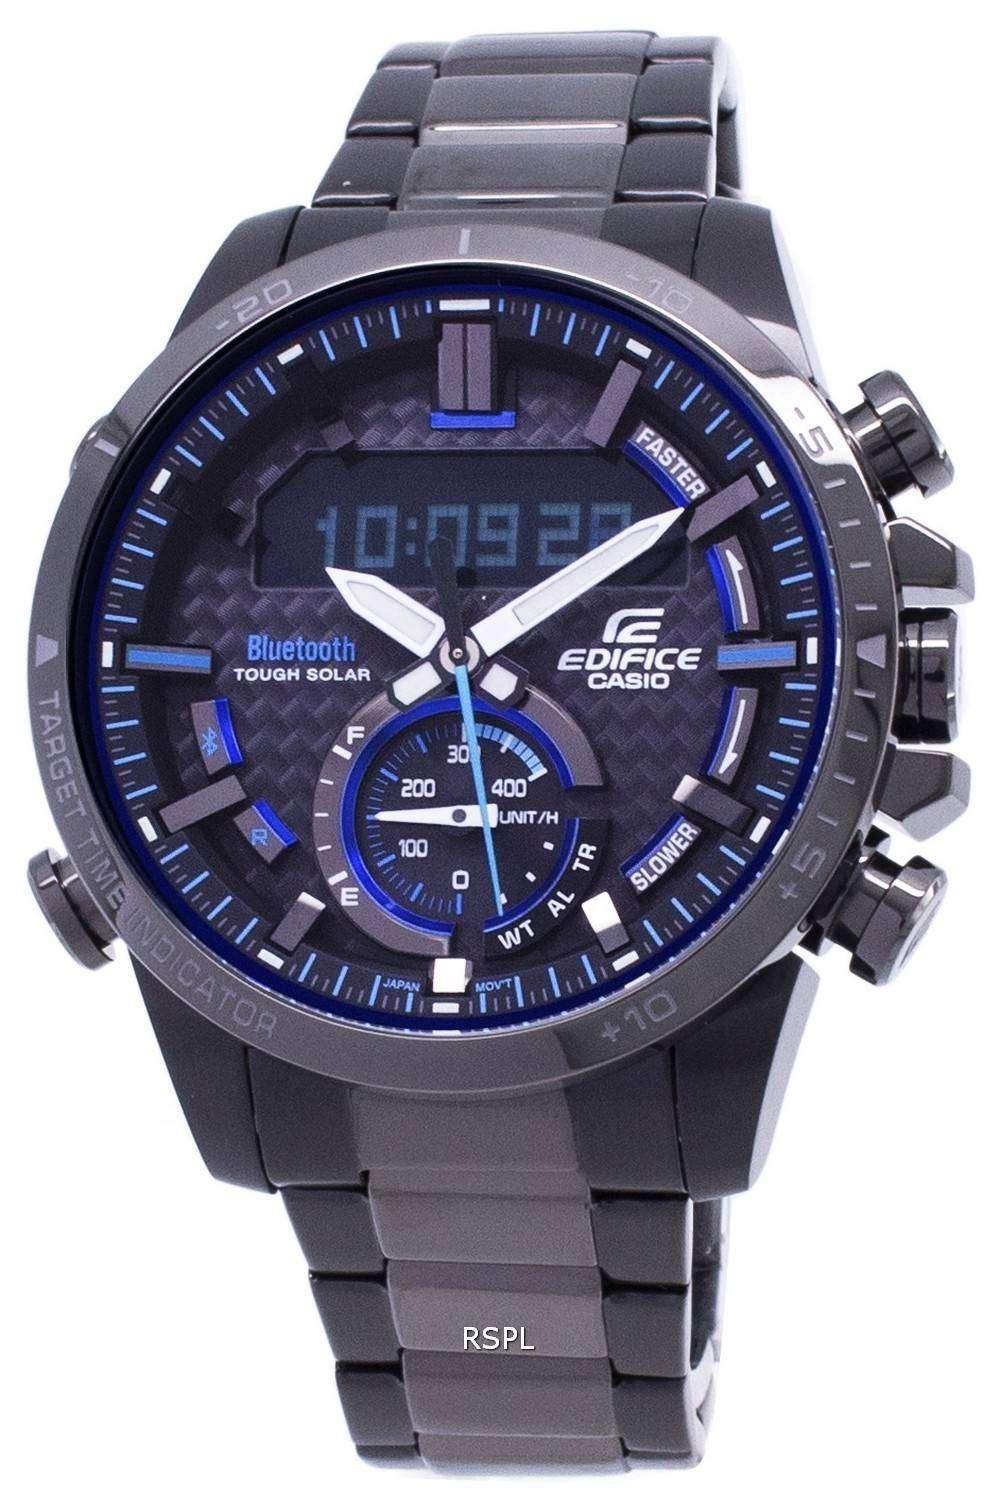 363c9da64cce Reloj Casio Edifice resistente Bluetooth Solar BCE-800DC-1A hombre ...